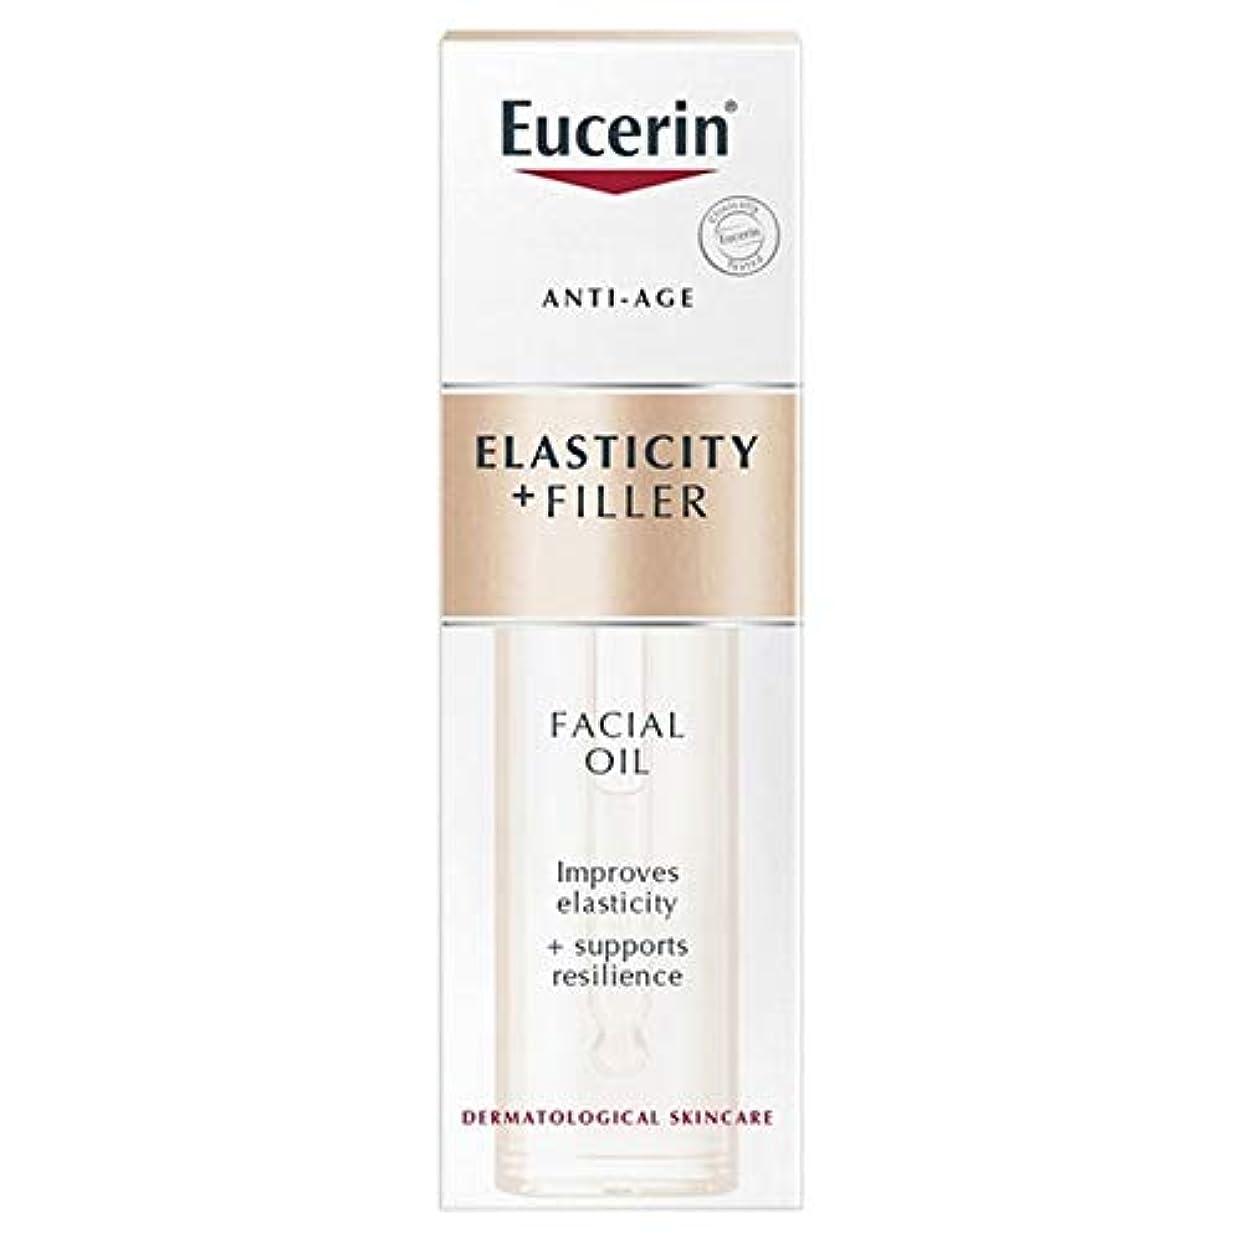 オーストラリア人トランスペアレント船尾[Eucerin ] ユーセリン抗年齢の弾力+フィラーフェイシャルオイル30ミリリットル - Eucerin Anti-Age Elasticity + Filler Facial Oil 30ml [並行輸入品]